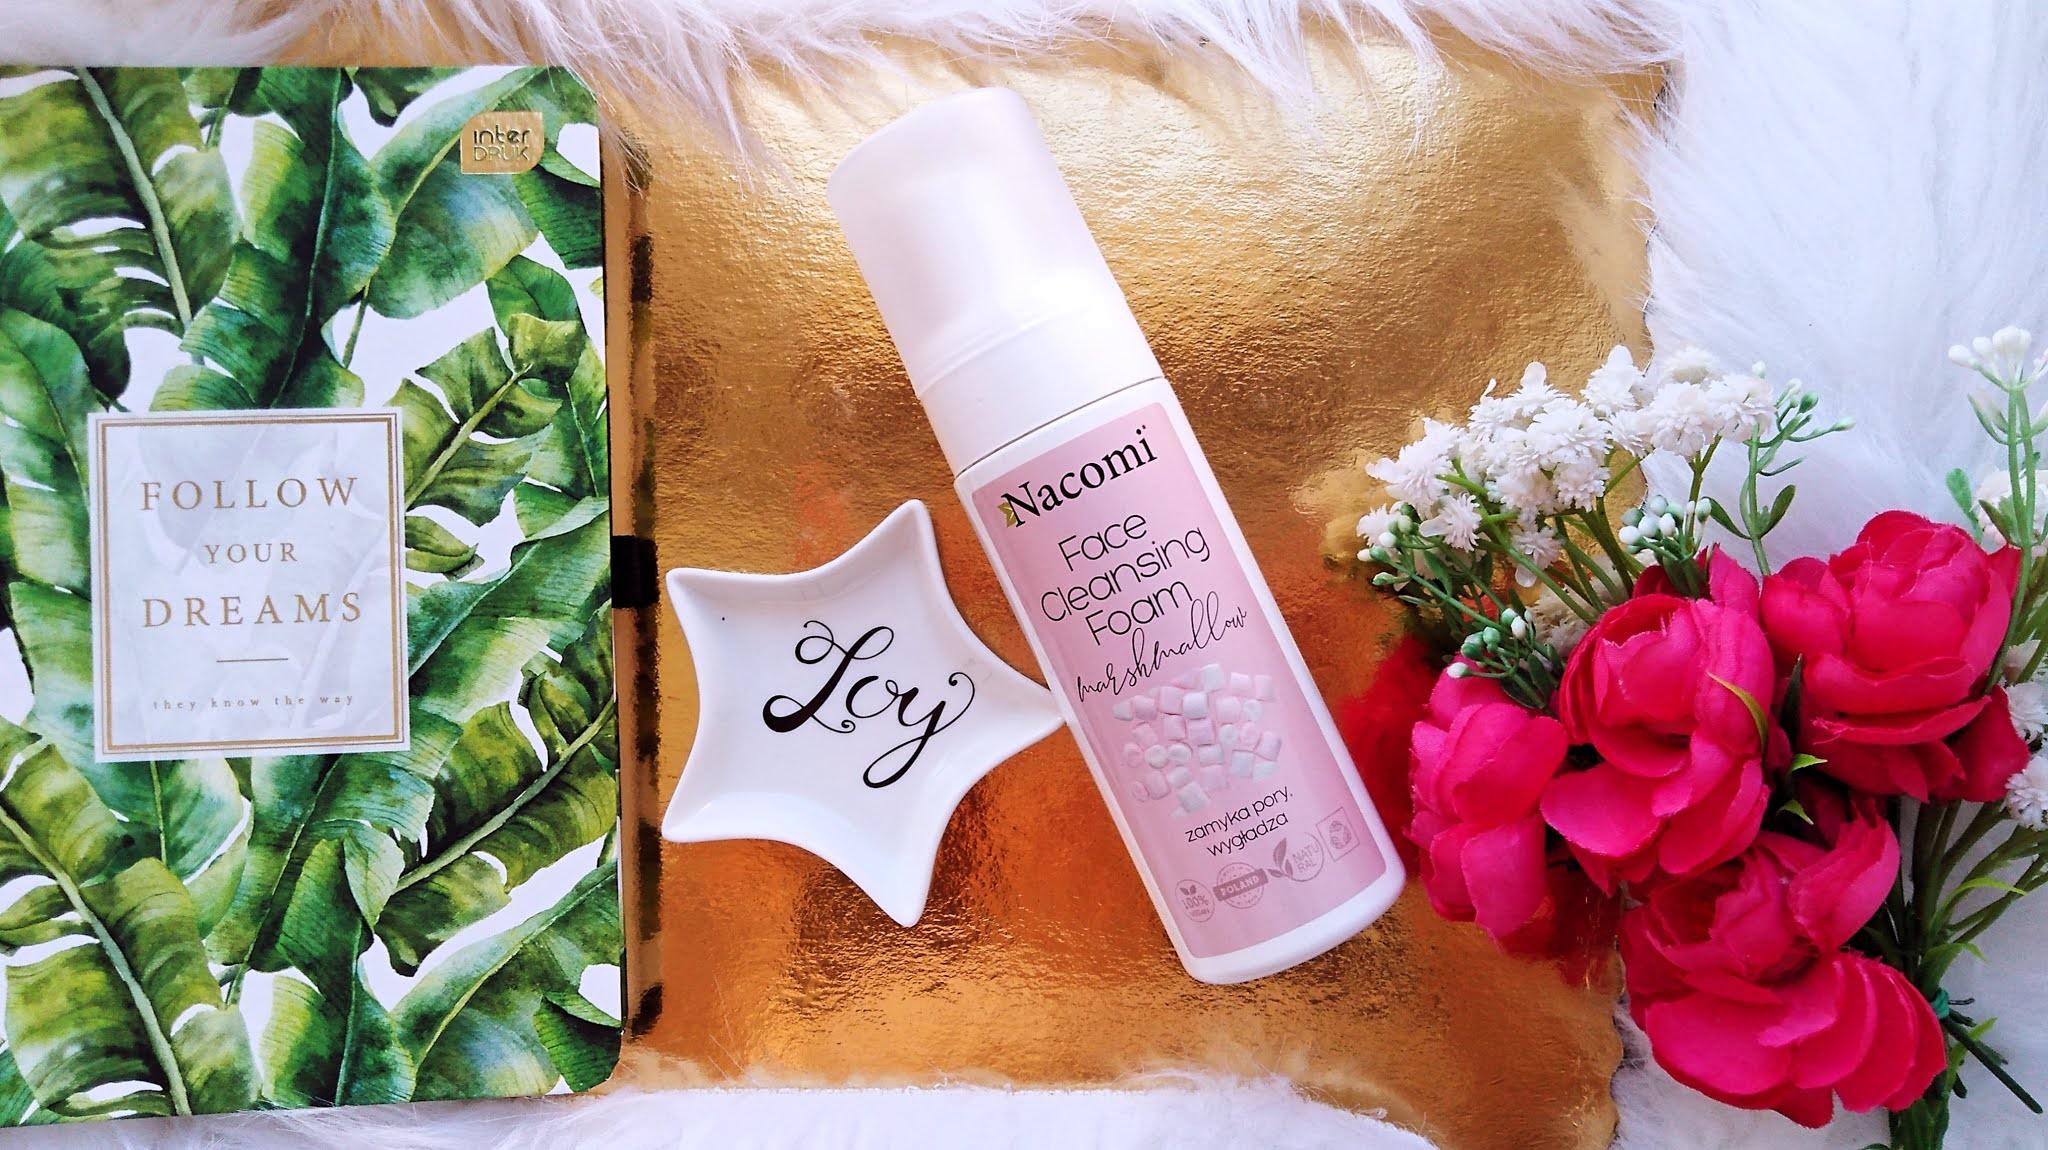 najlepsze produkty do mycia twarzy bez sls, pianki do mycia twarzy nacomi blog kosmetyczny